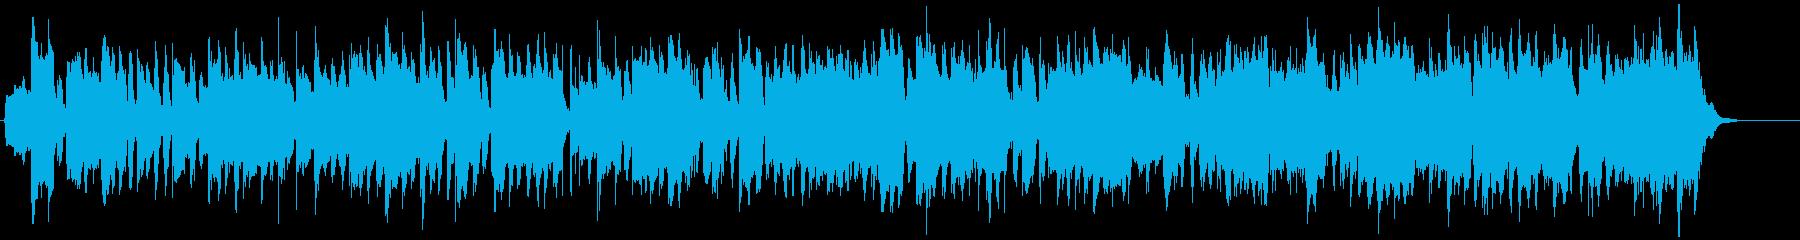 のどかで平和な牧歌的BGMの再生済みの波形